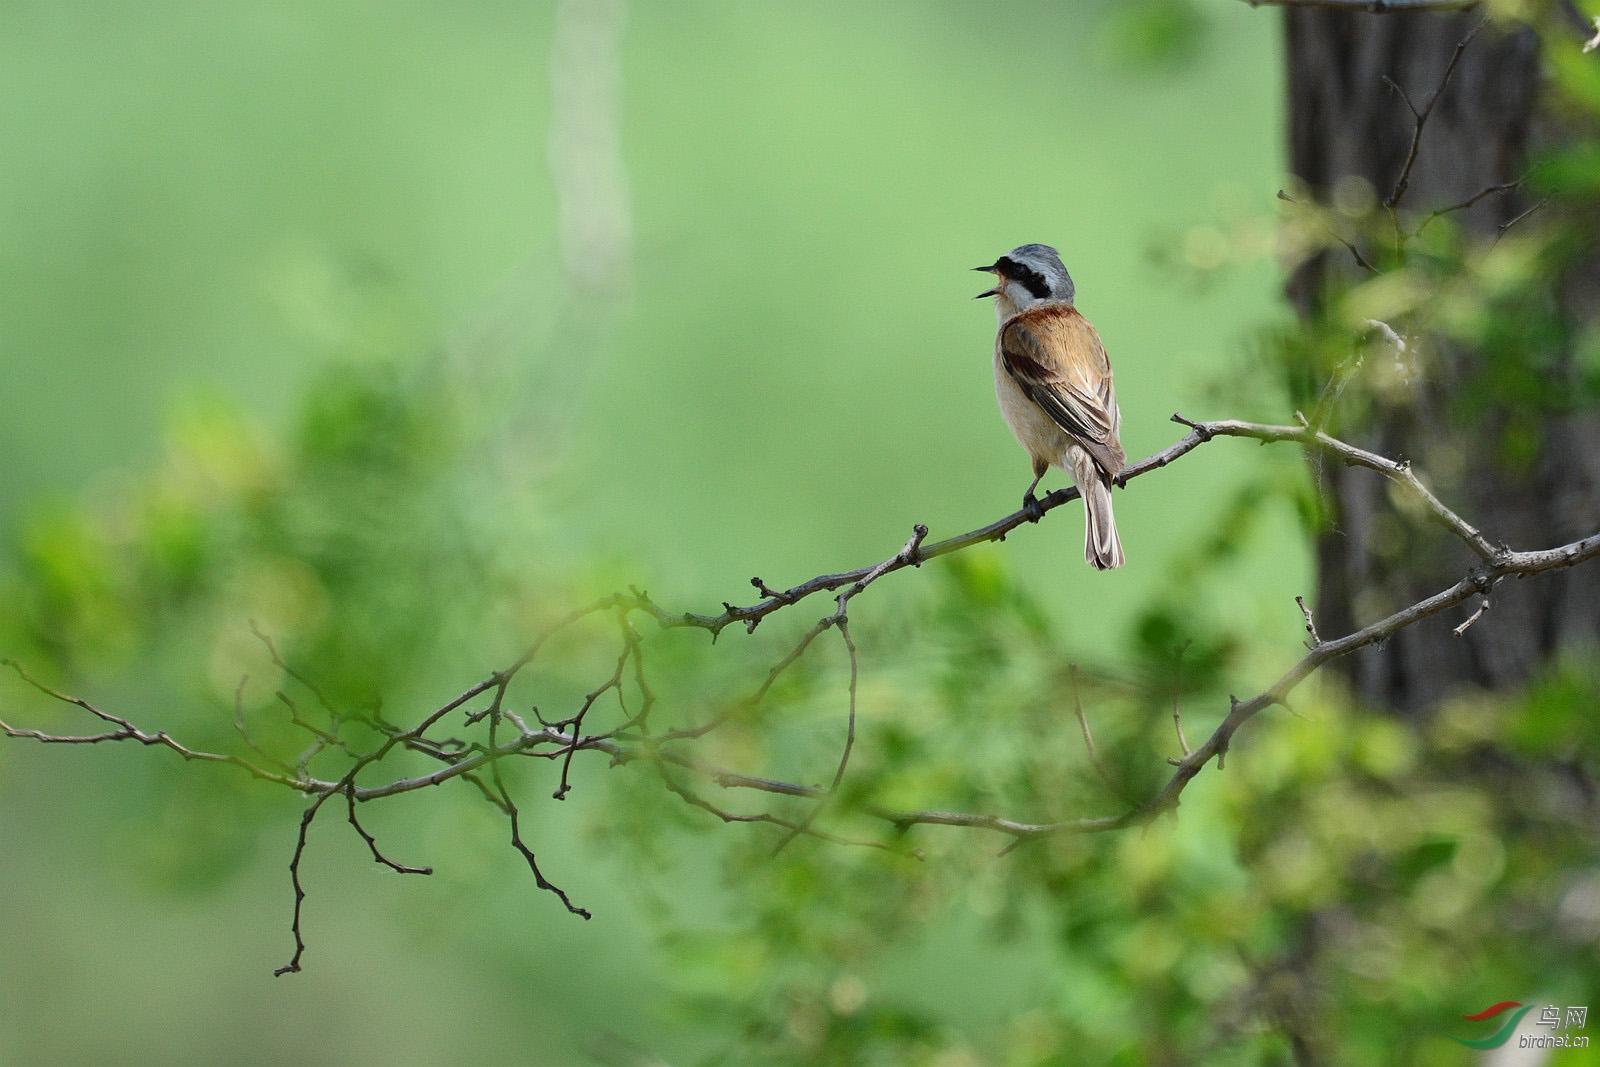 可爱的小鸟在枝头什么